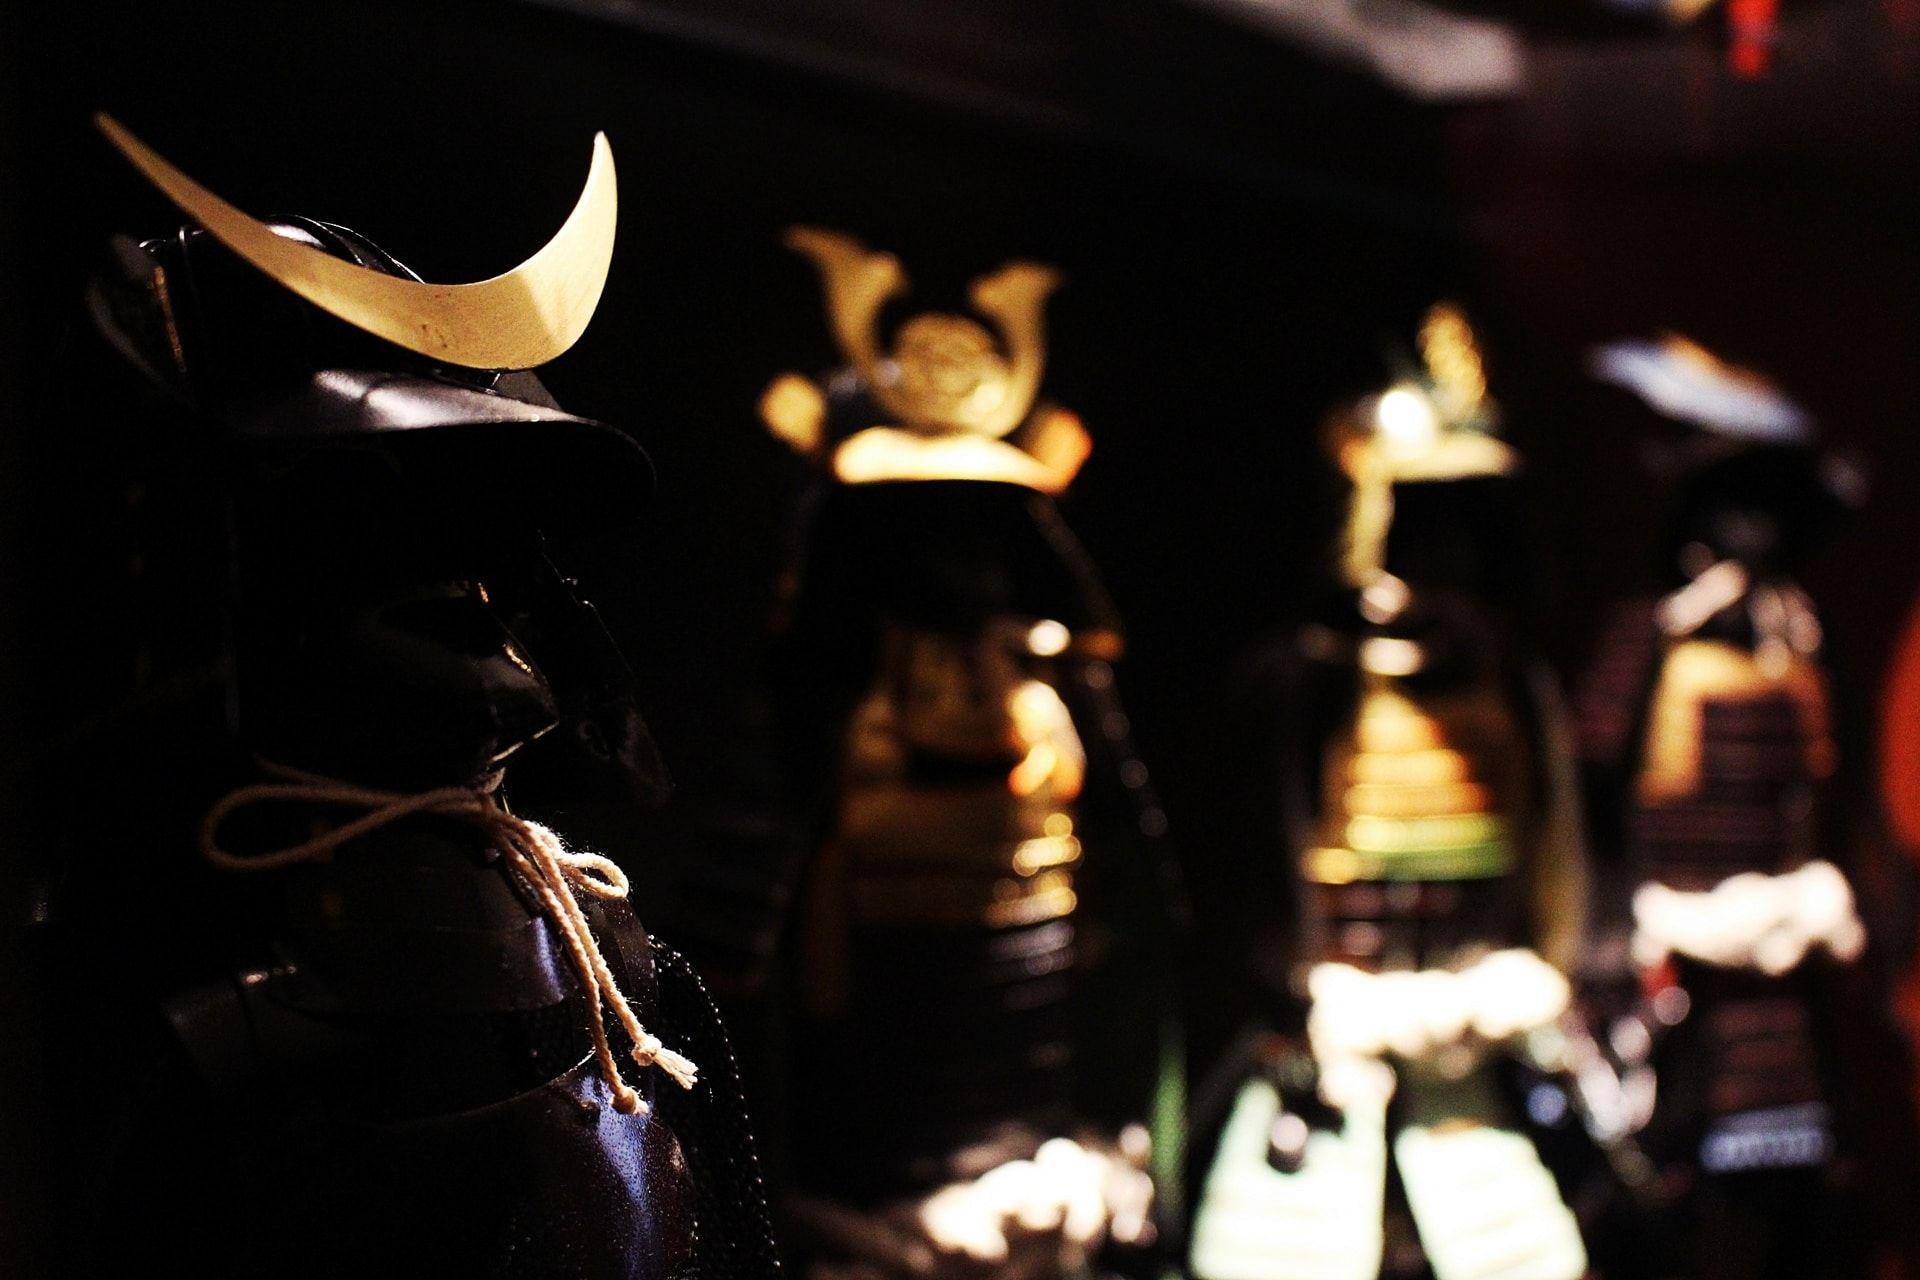 Samurai figurines in Kenshin bar